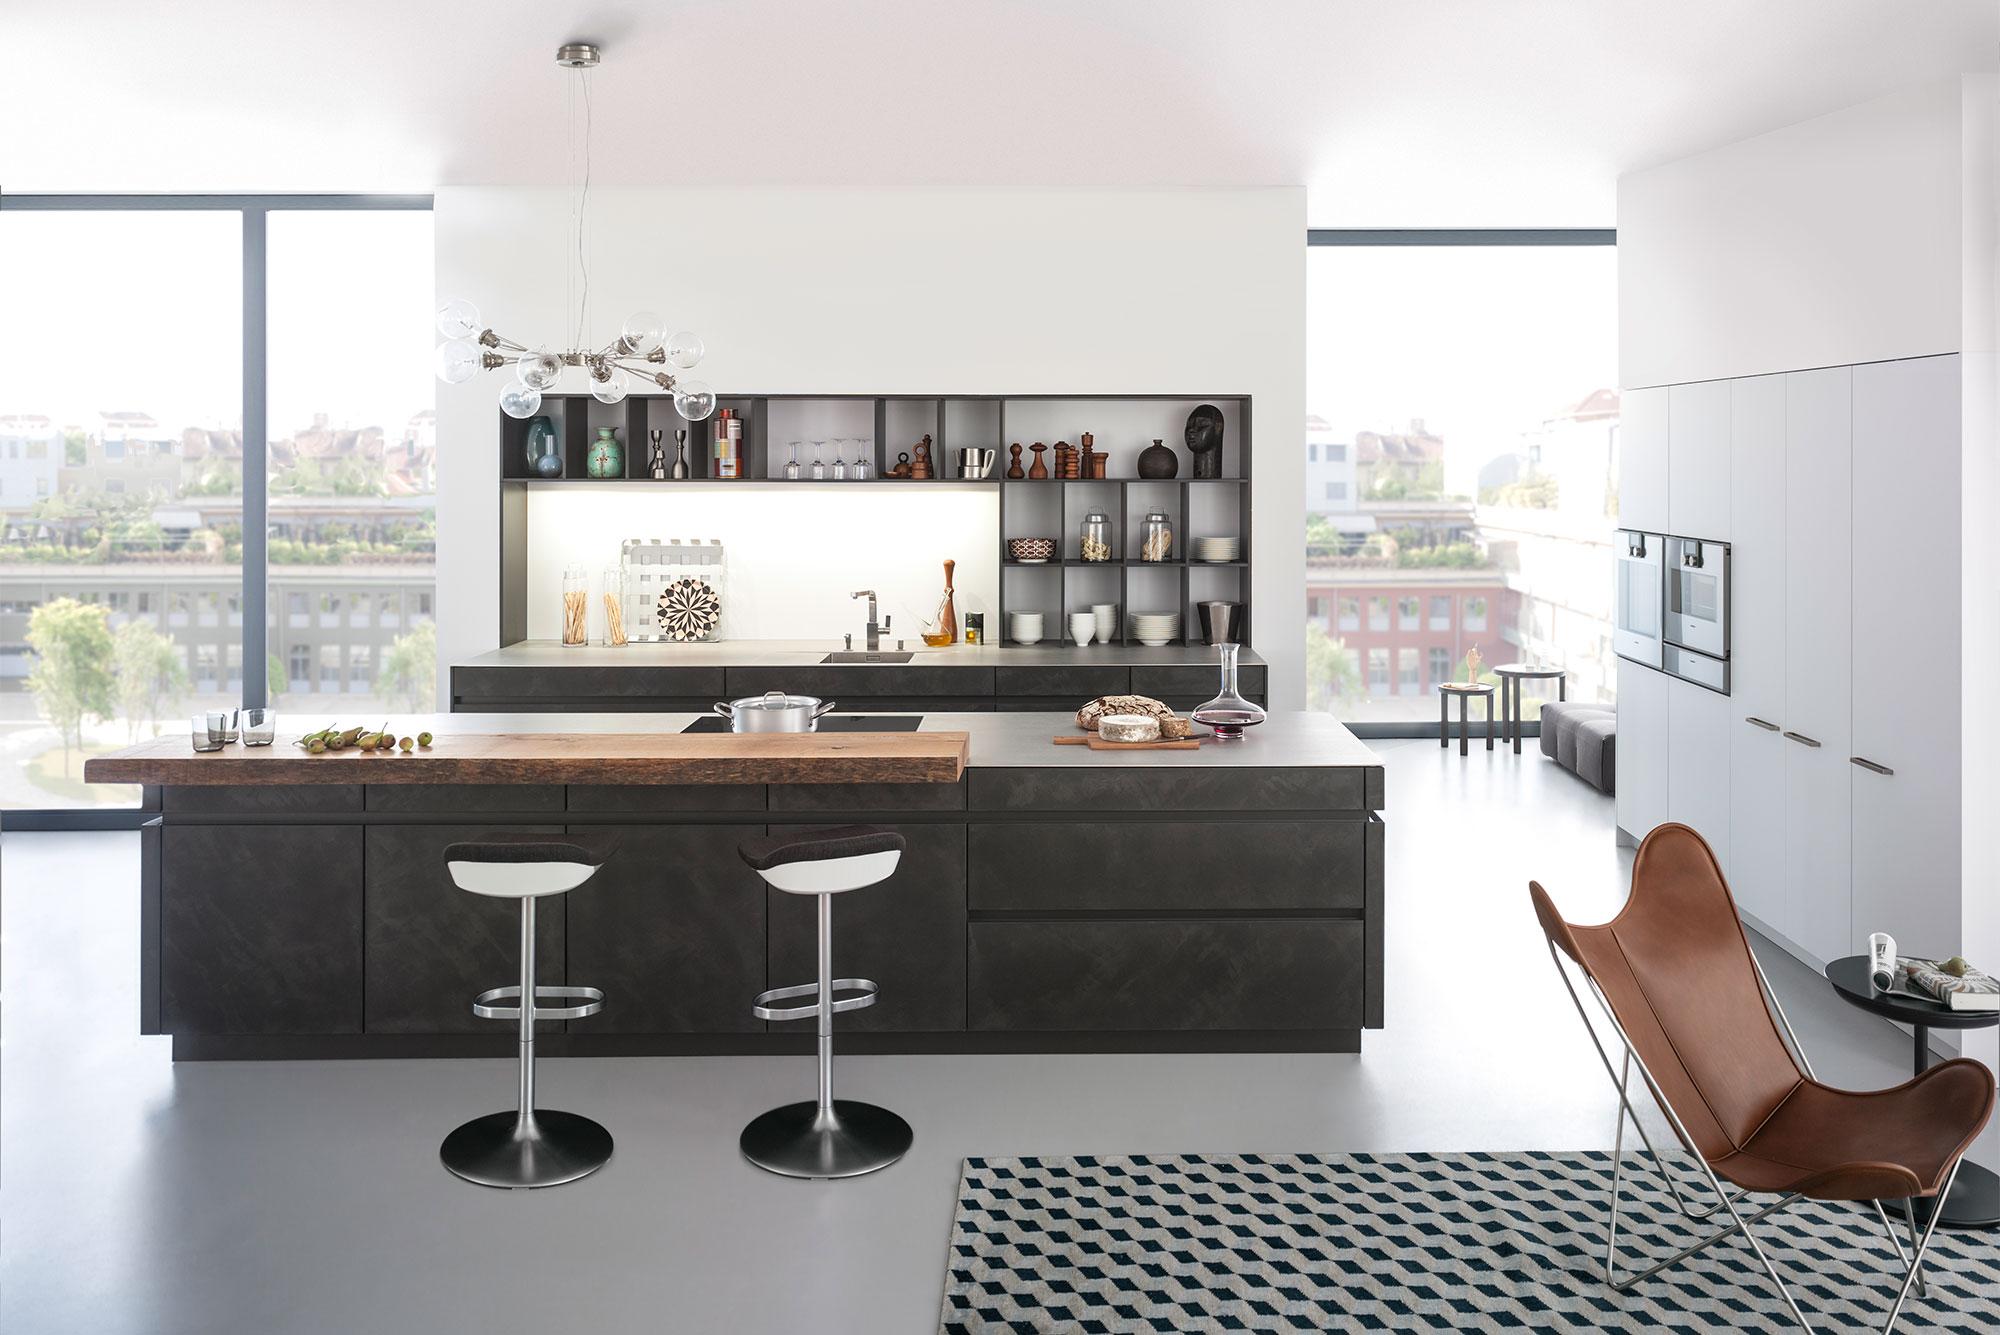 kosten k che inkl ger te wasserhahn k che durchlauferhitzer ikea vollholz teppich in der kinder. Black Bedroom Furniture Sets. Home Design Ideas